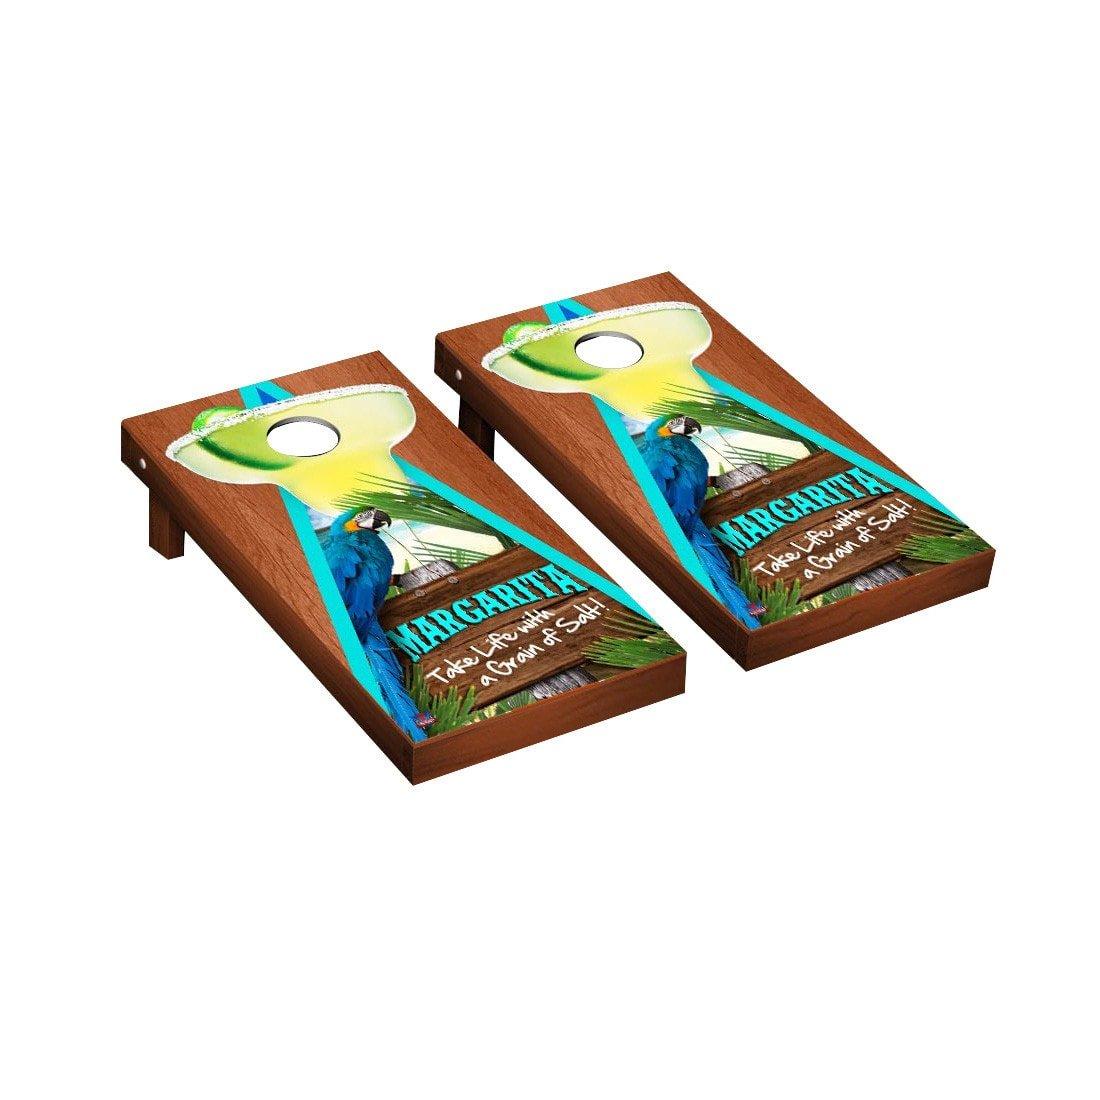 MargaritaビーチテーマCornhole Game SetローズウッドStained三角形バージョン1 B018UKLMRG